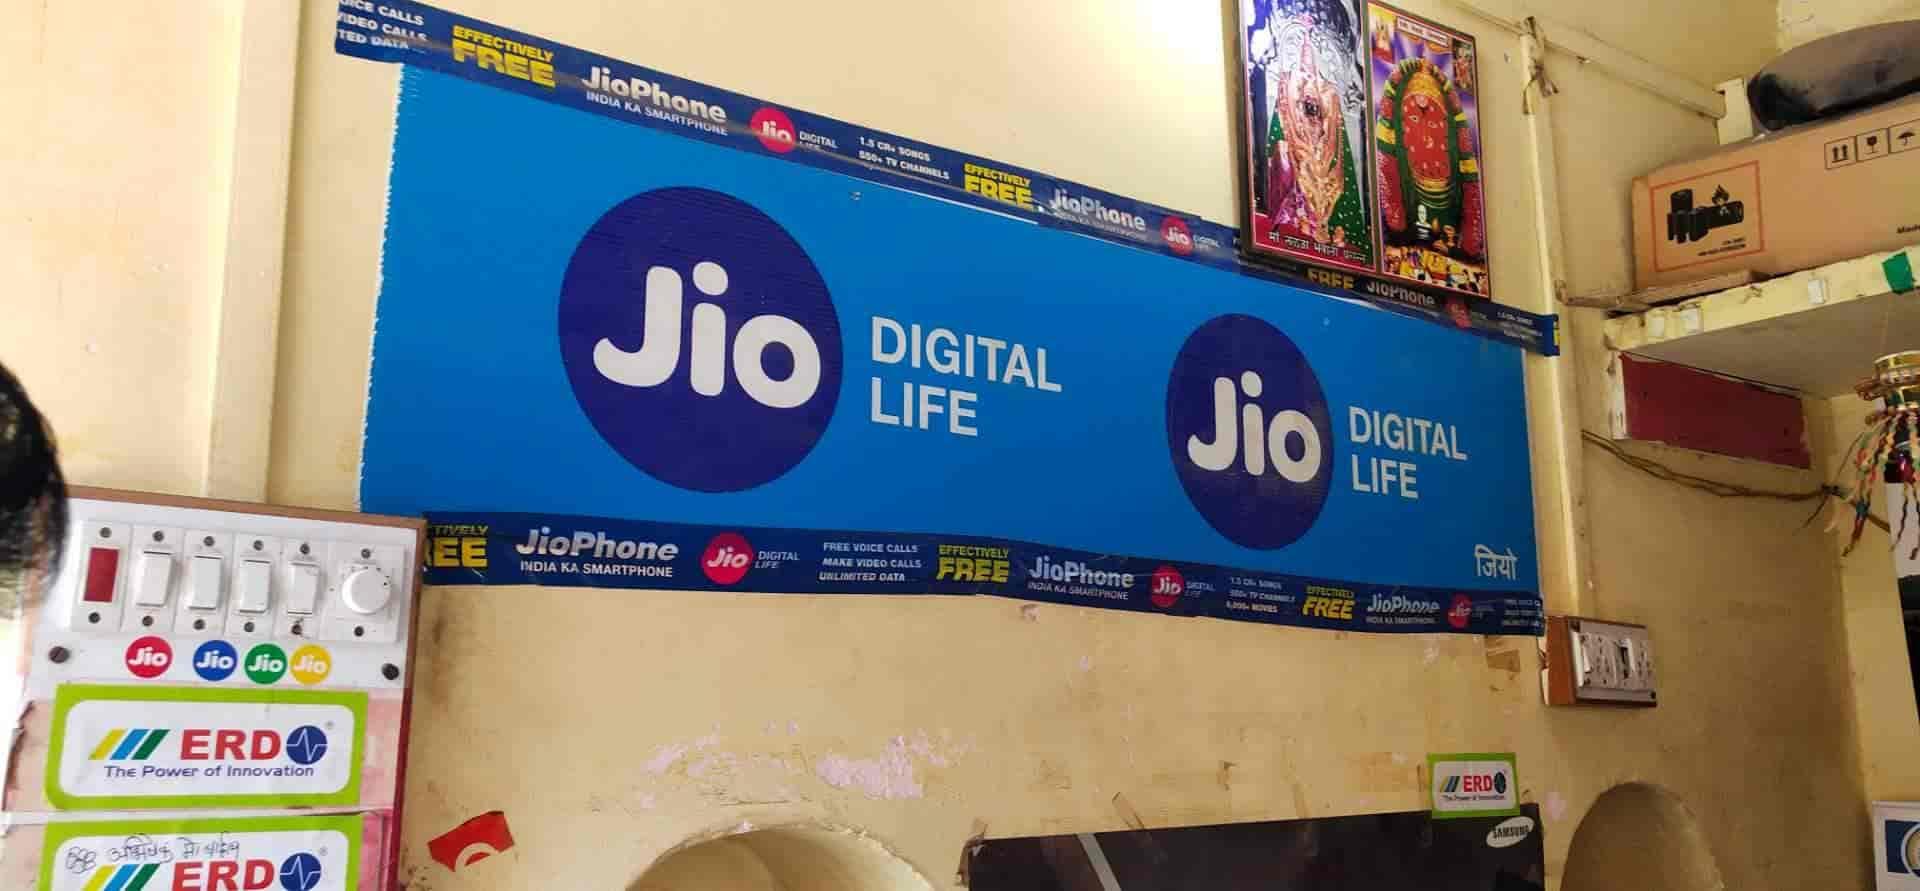 Abhishek Mobile Shopee Photos, Barshi, Solapur- Pictures & Images